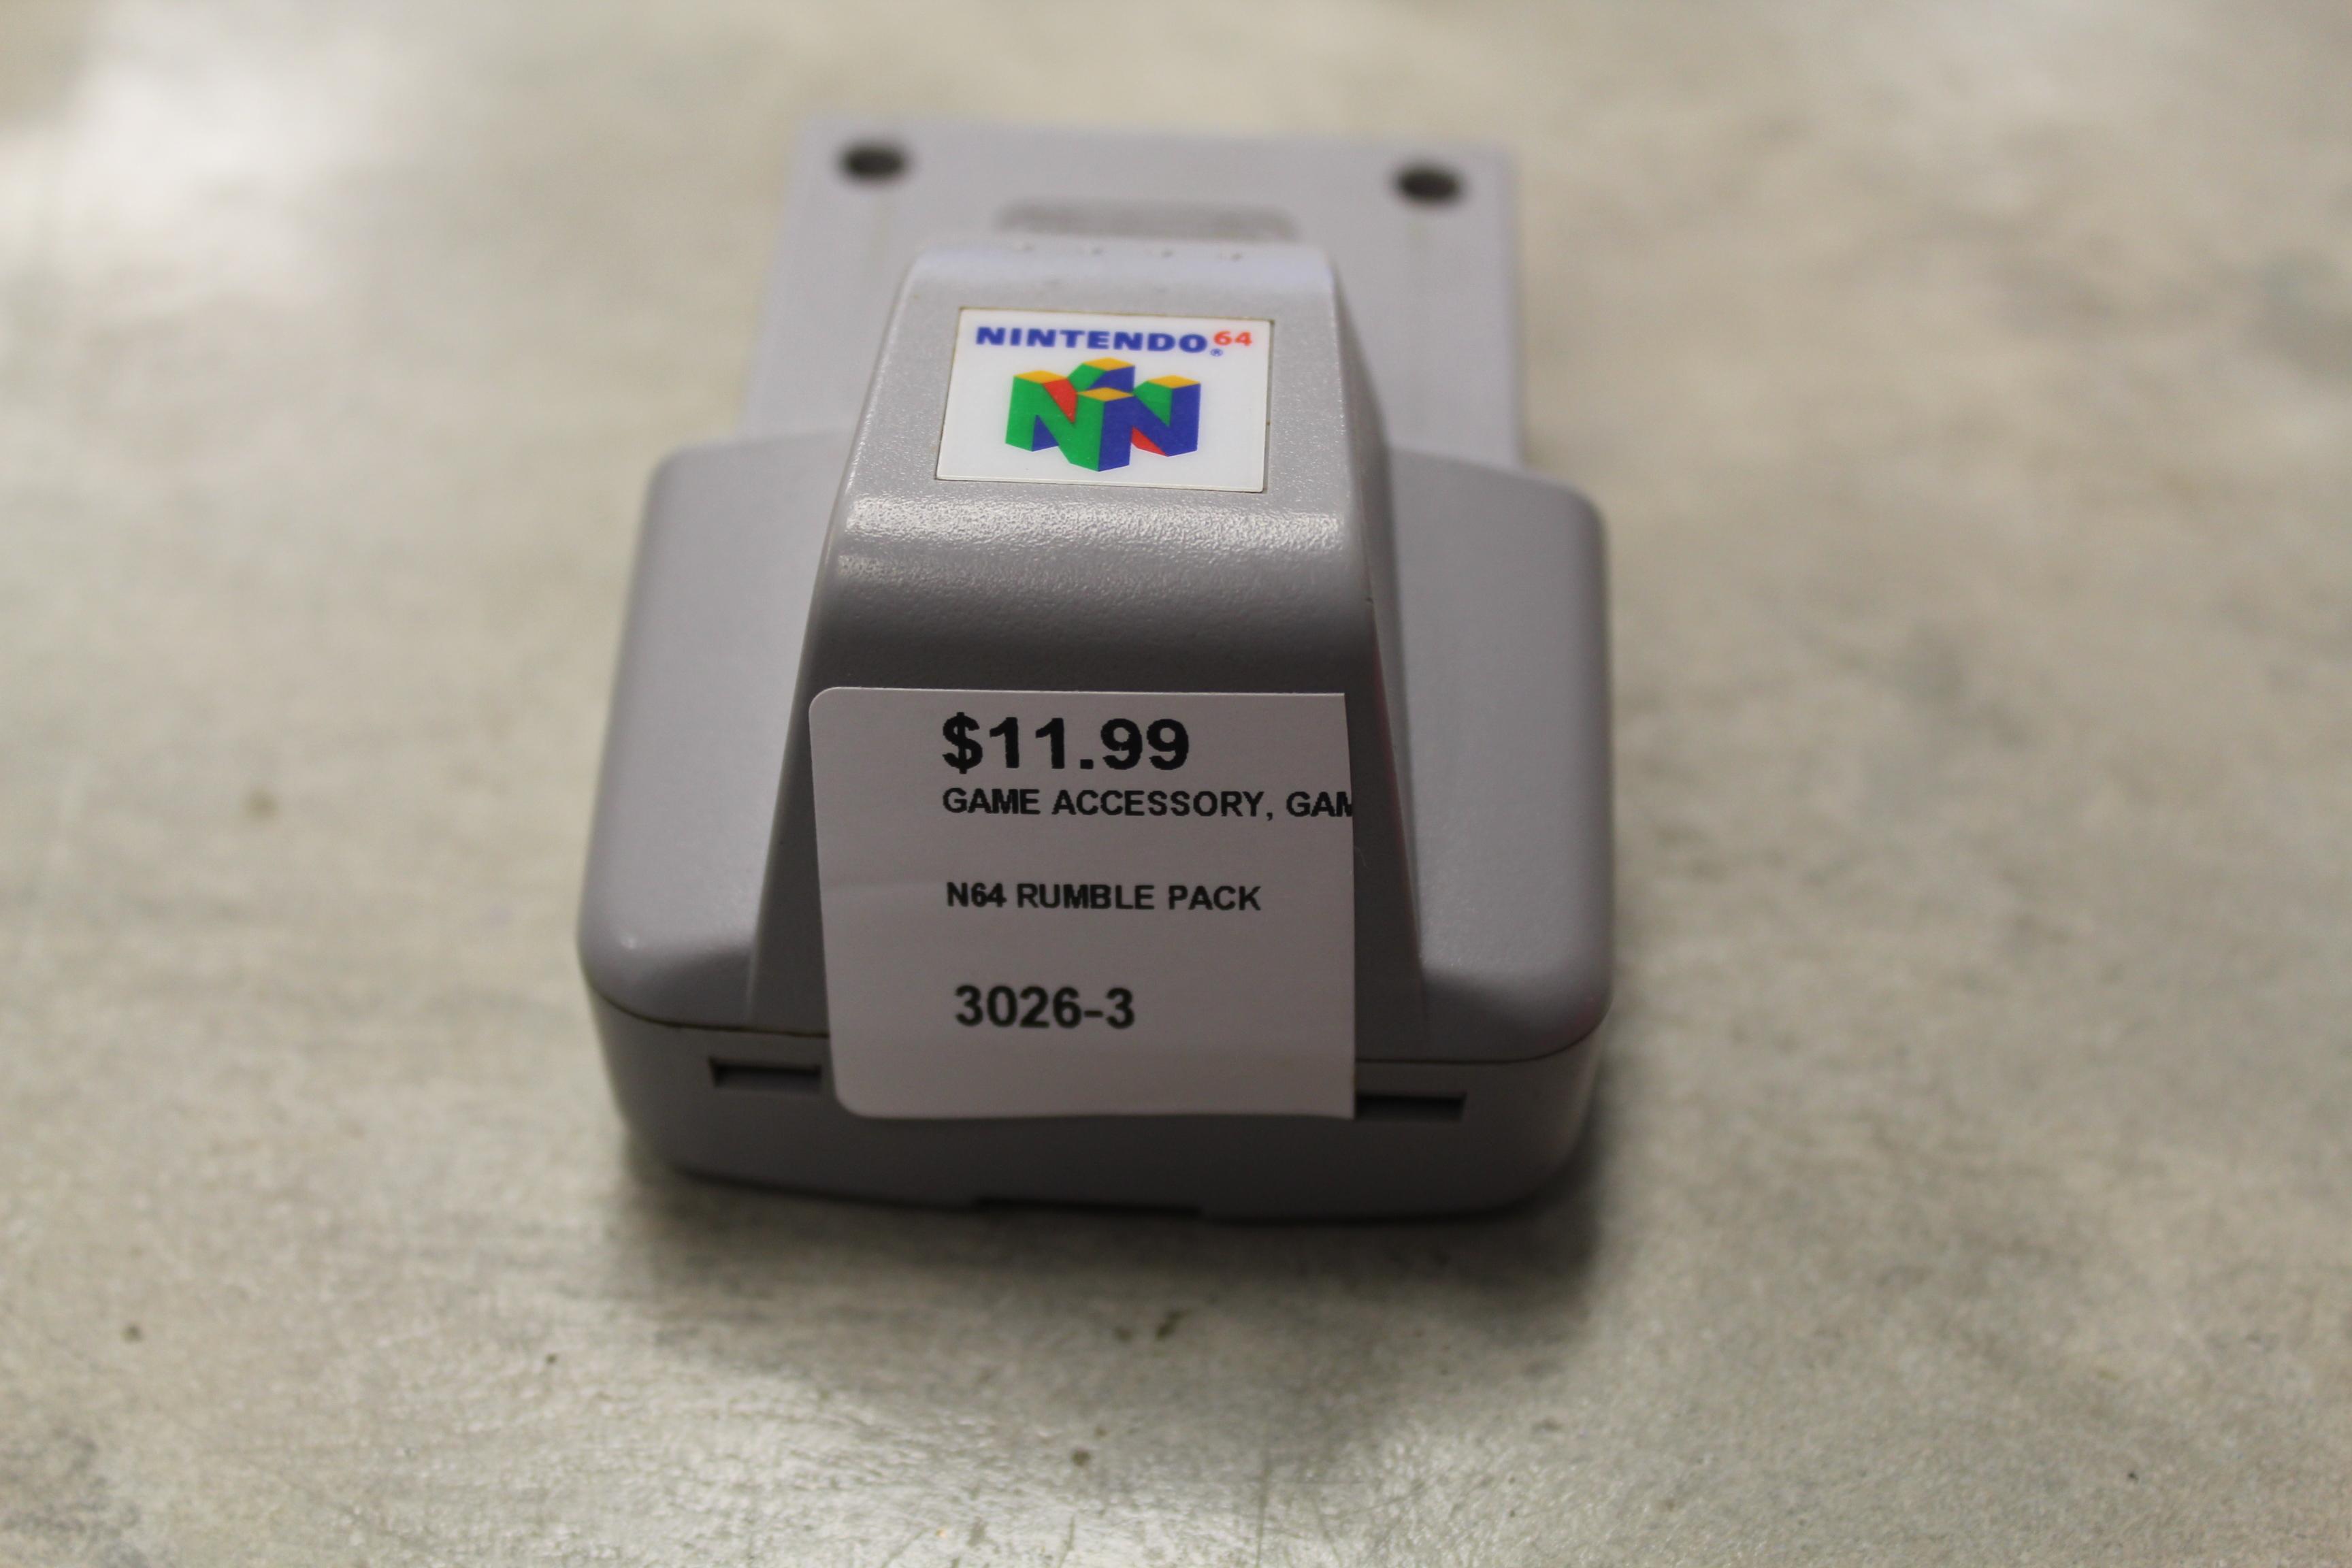 N64 Rumble Pack